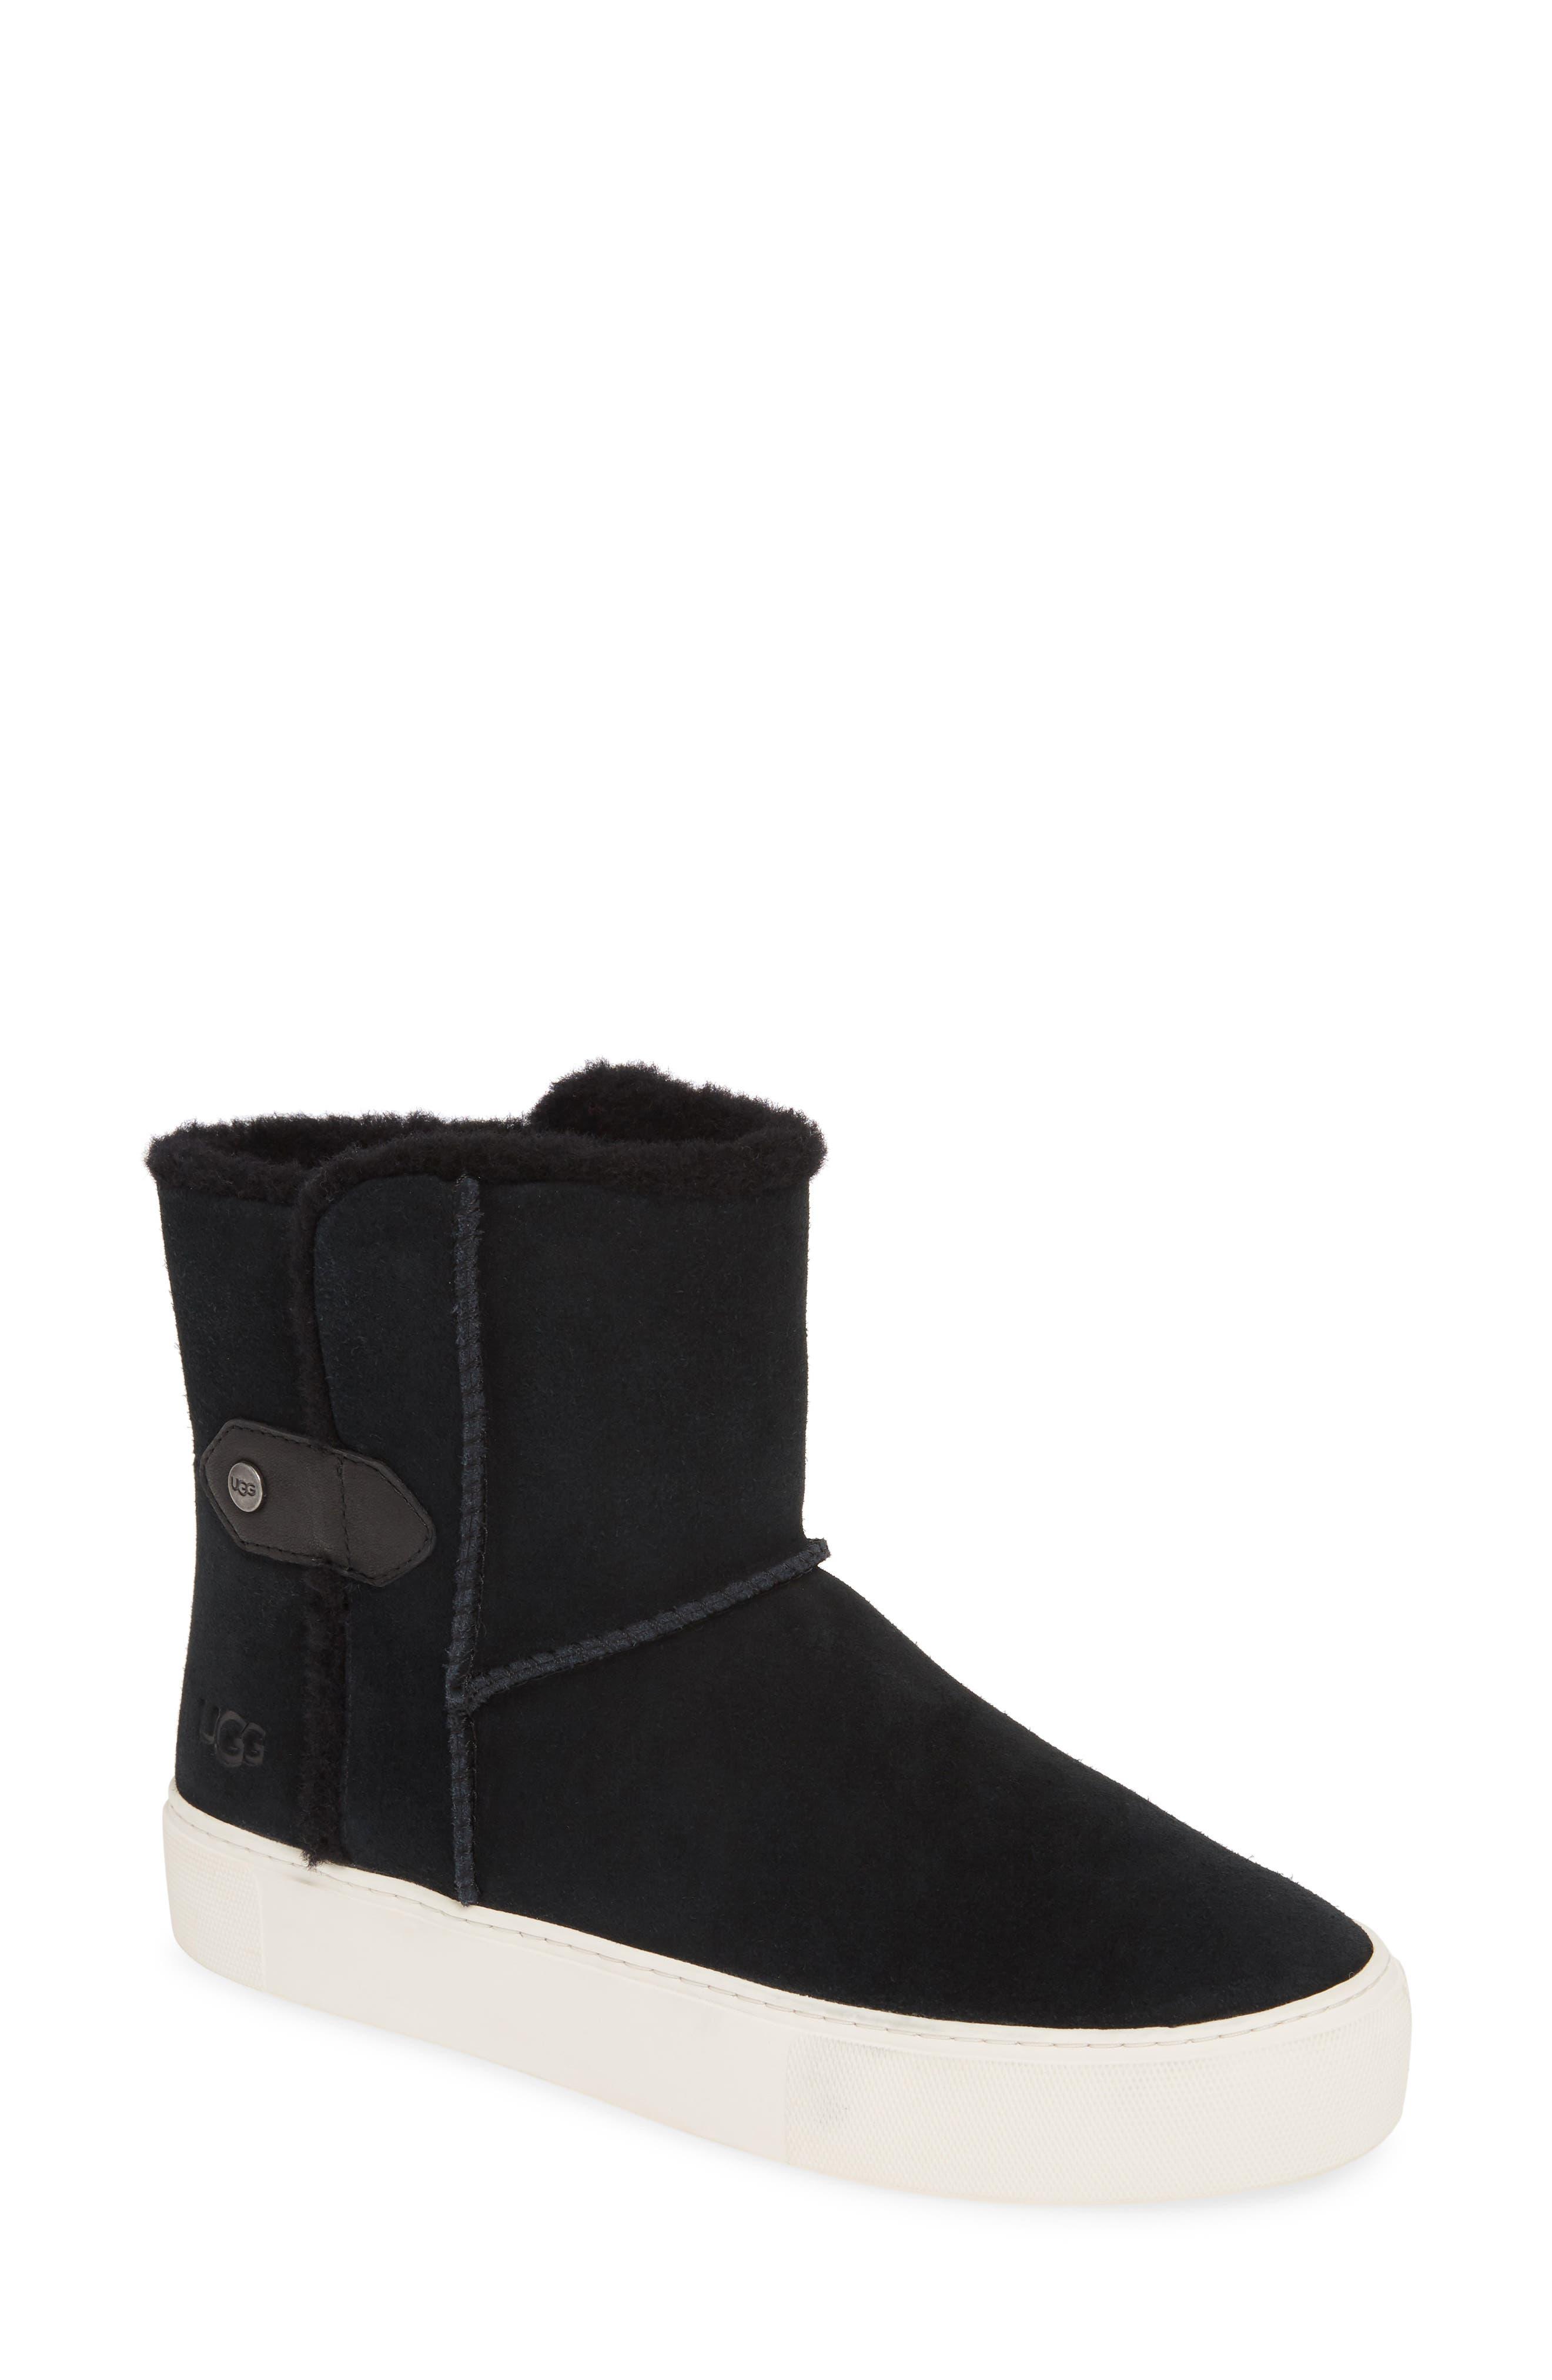 Ugg Priya Plush Sneaker Boot In Black